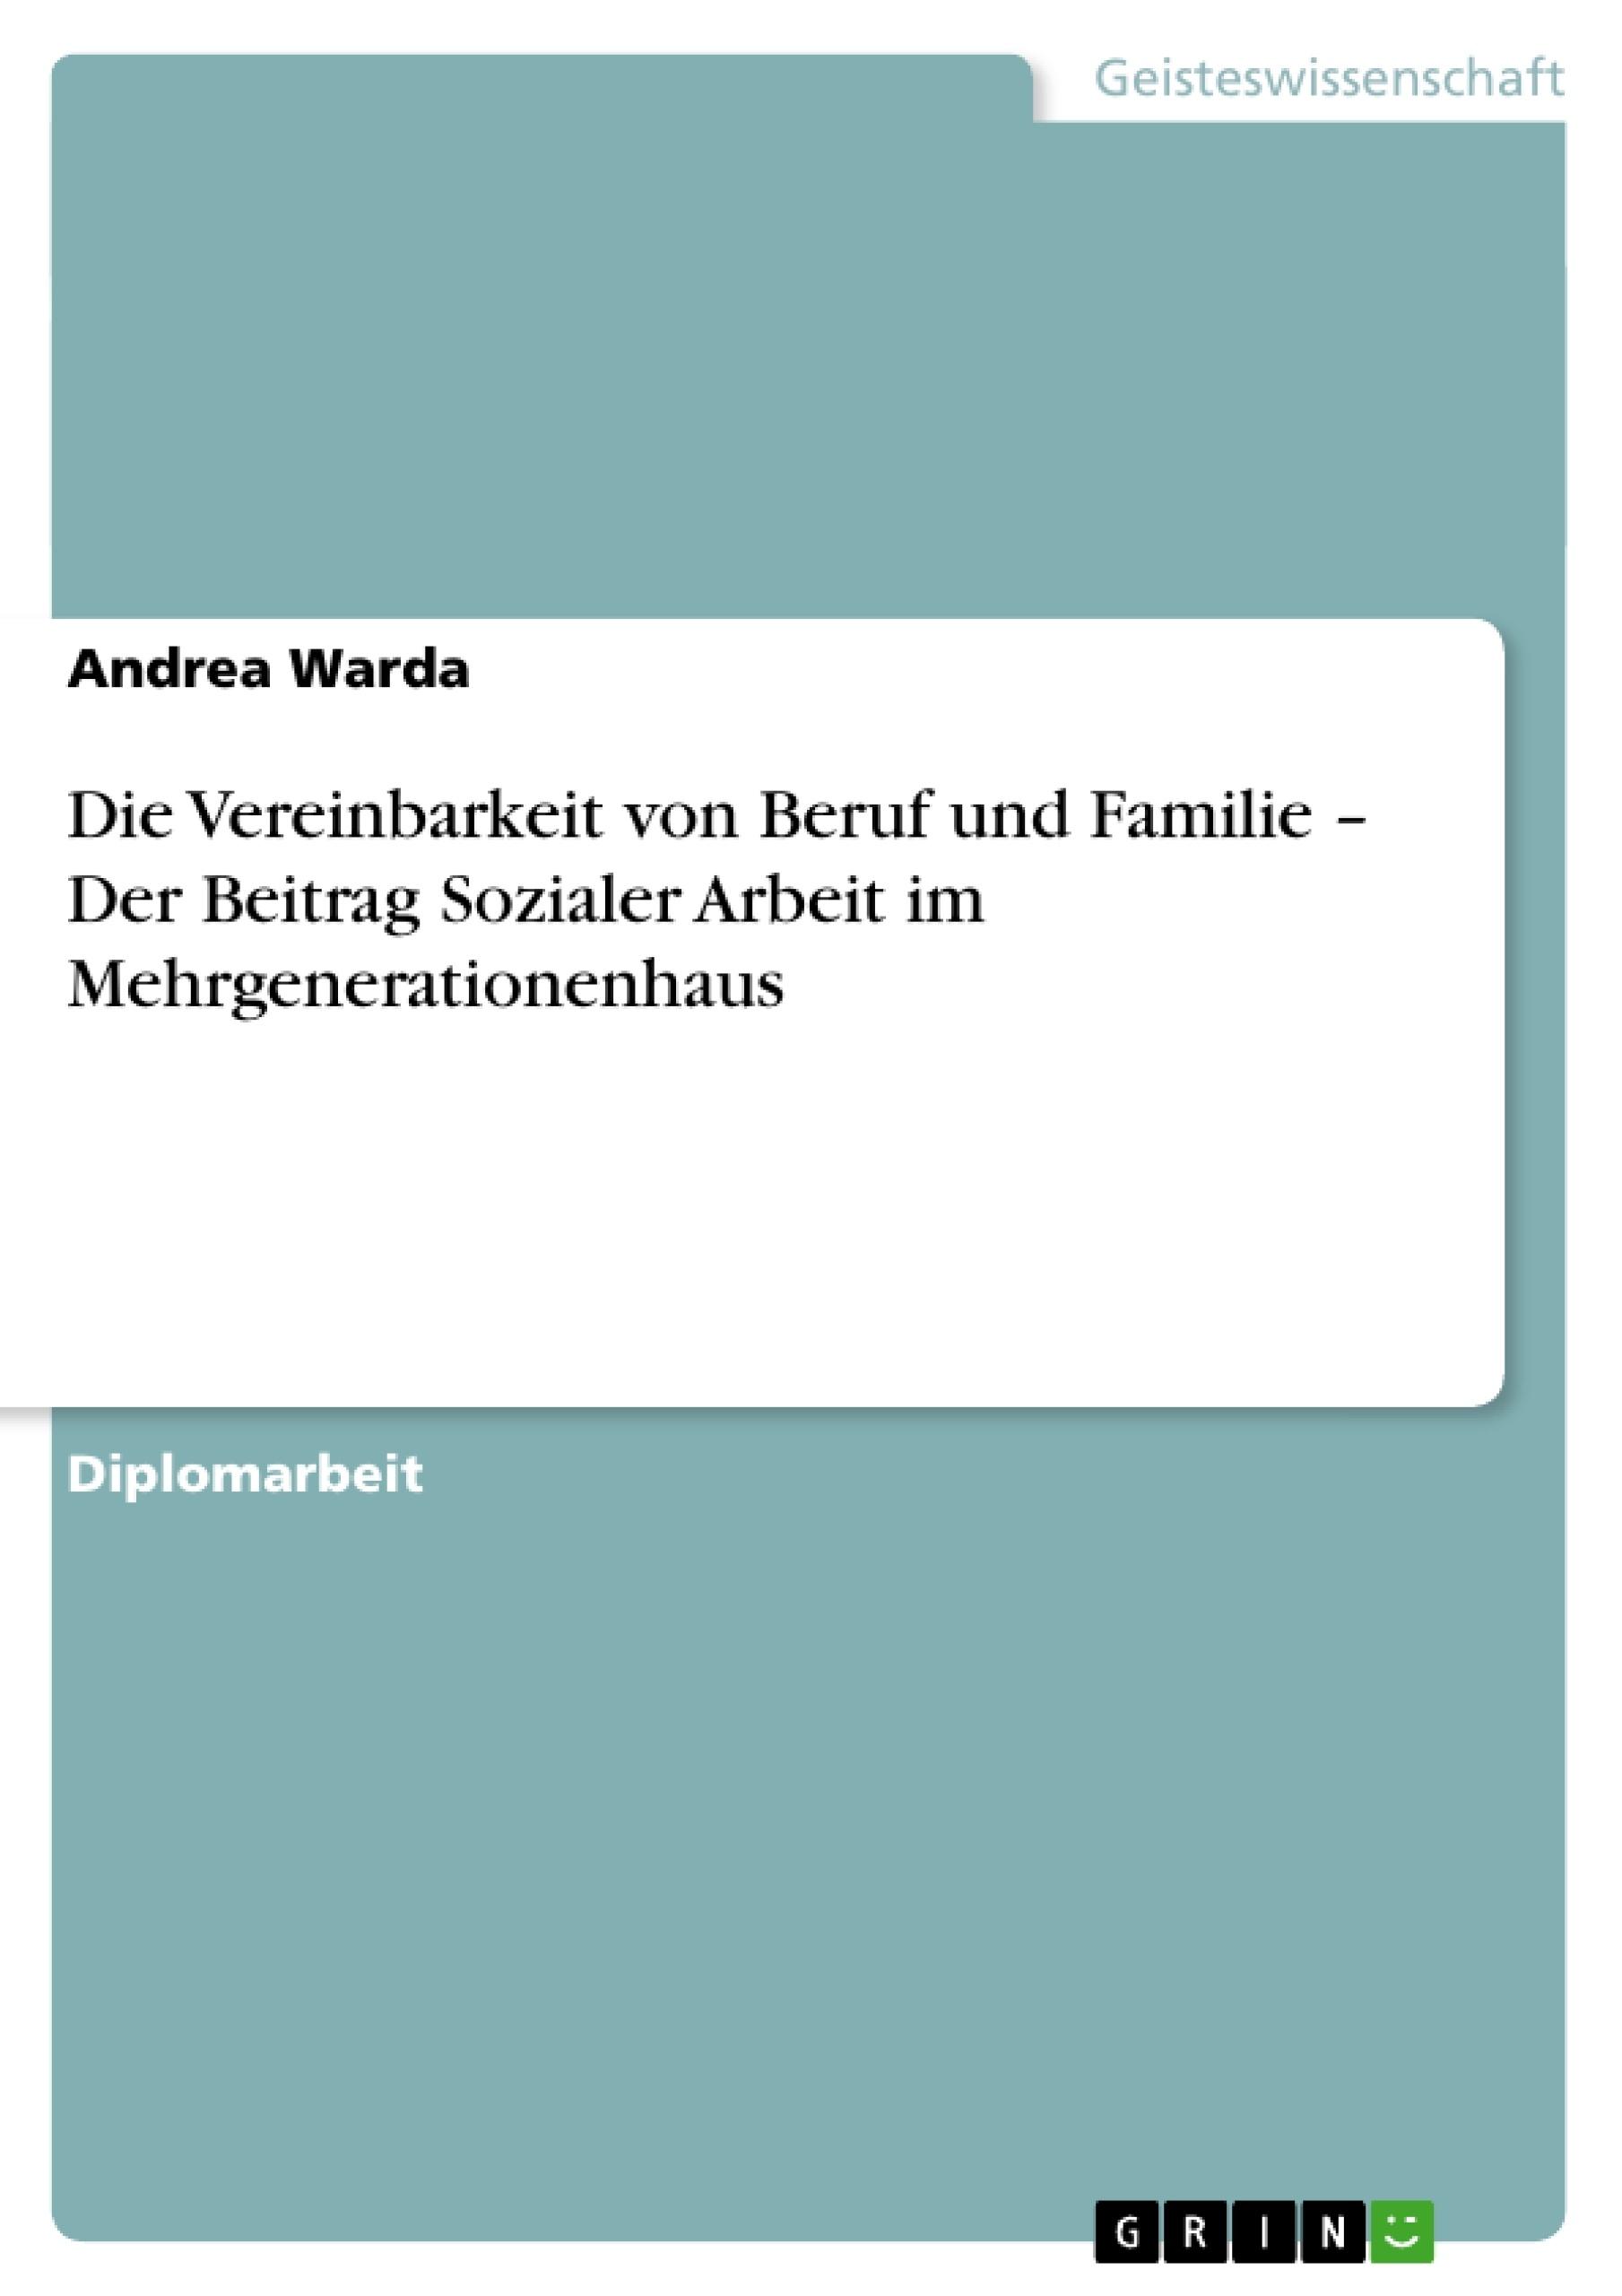 Titel: Die Vereinbarkeit von Beruf und Familie – Der Beitrag Sozialer Arbeit im Mehrgenerationenhaus